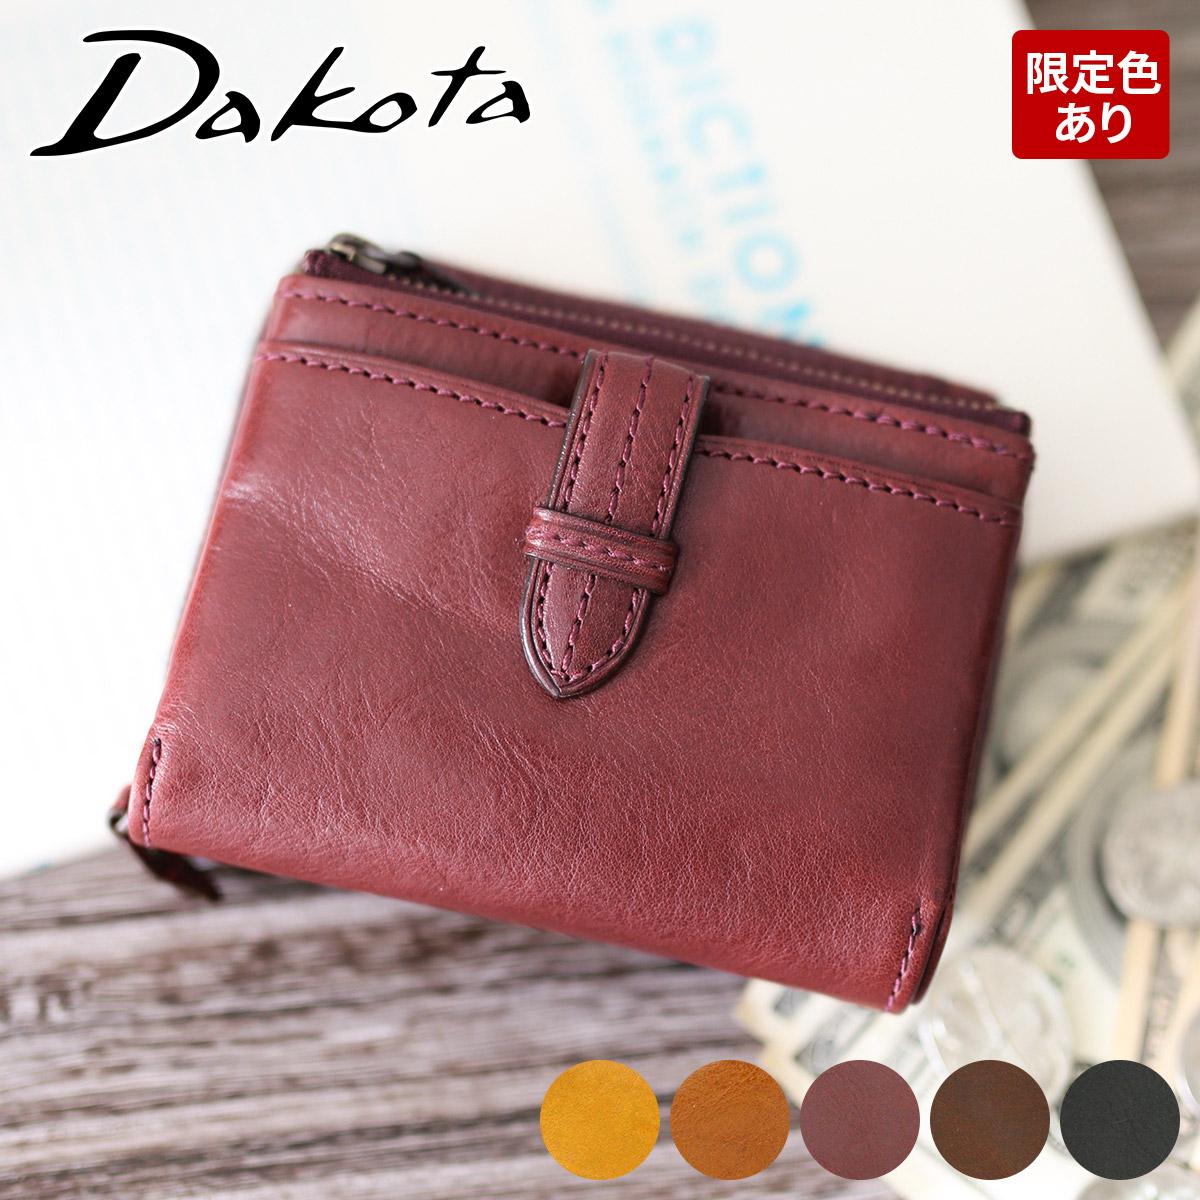 25f02a2e8691 ダコタ Dakota [正規品保証]☆選べるプレゼント贈呈! レディース 財布 Dakota ダコタ